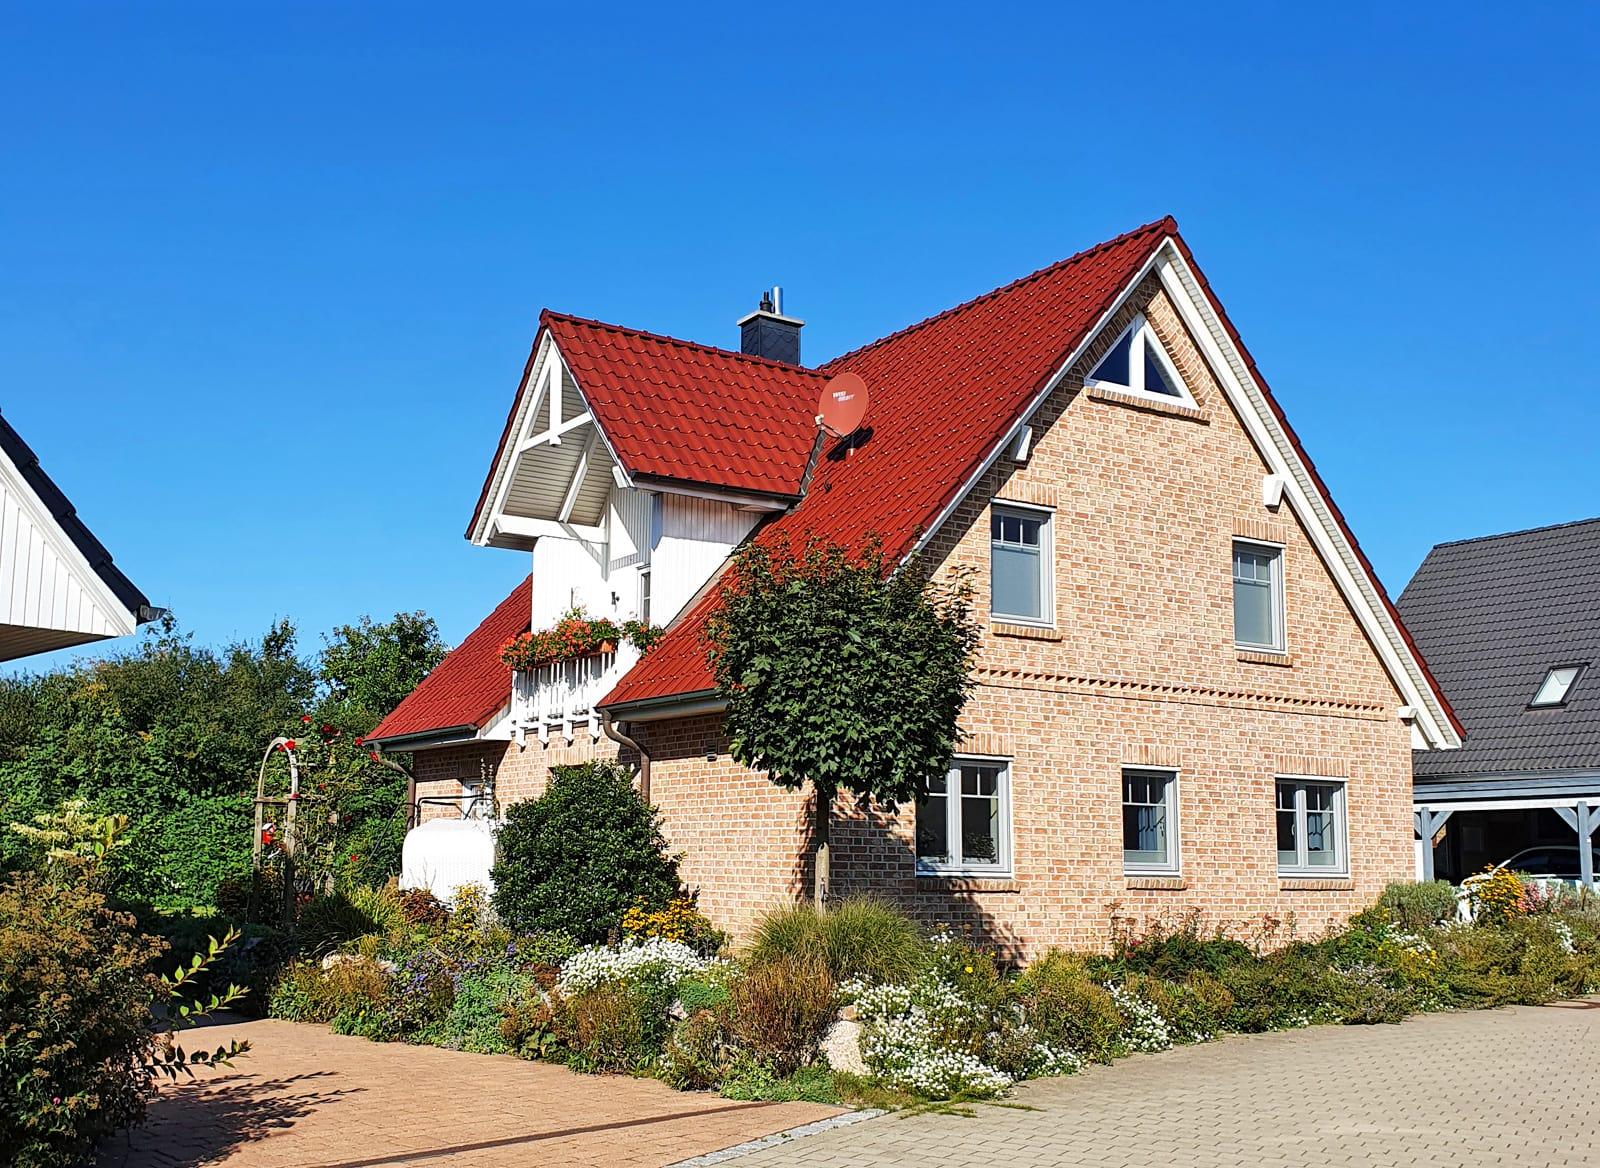 Ein Haus mit roten Dach, um dem sich viele kleine Pflanzen befinden.